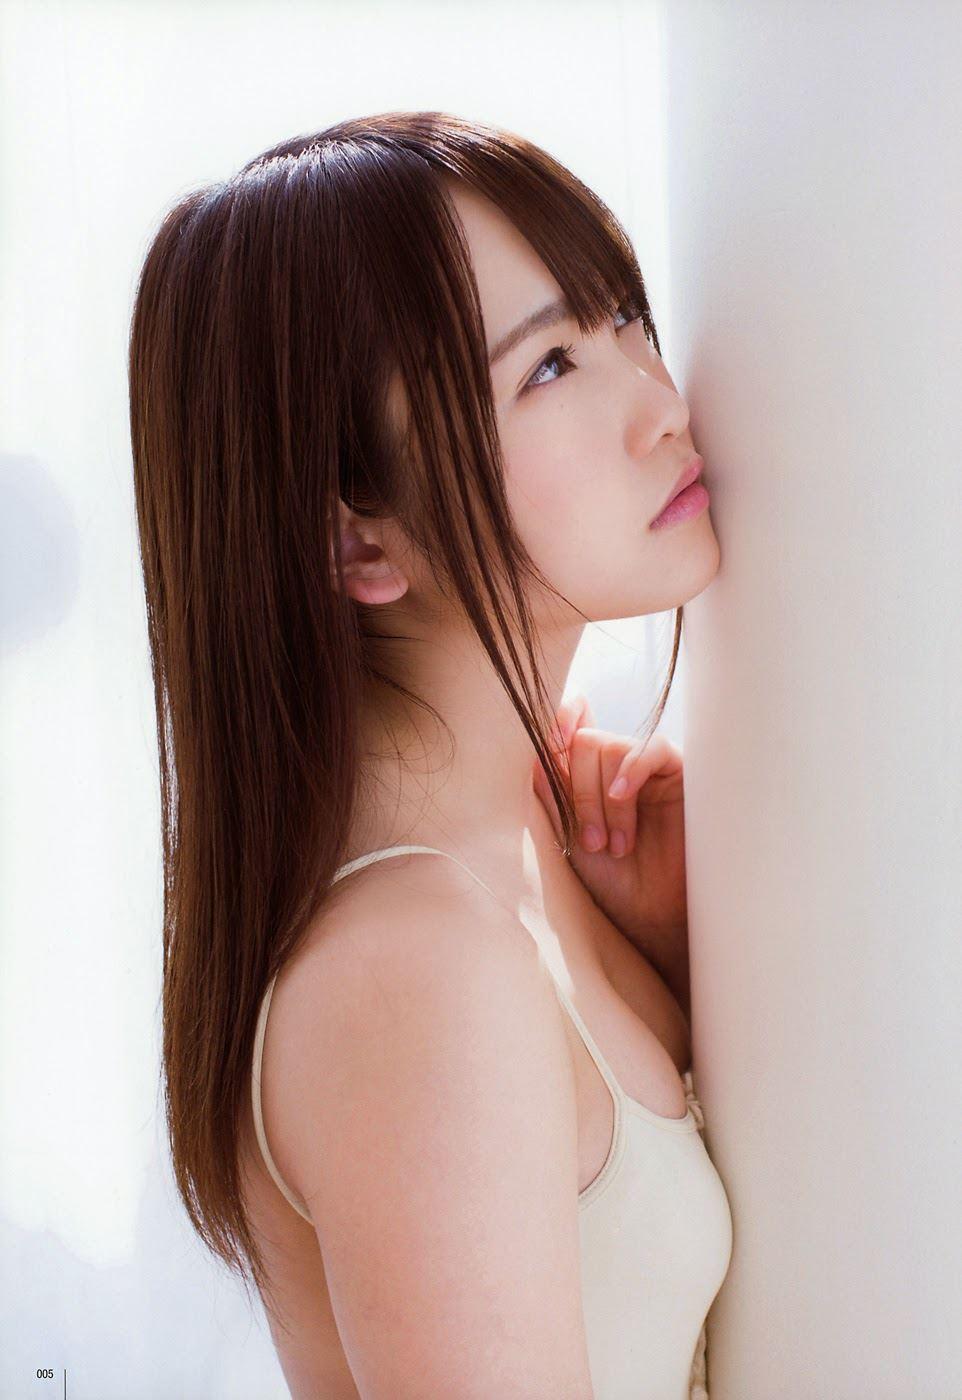 川栄李奈 画像 39